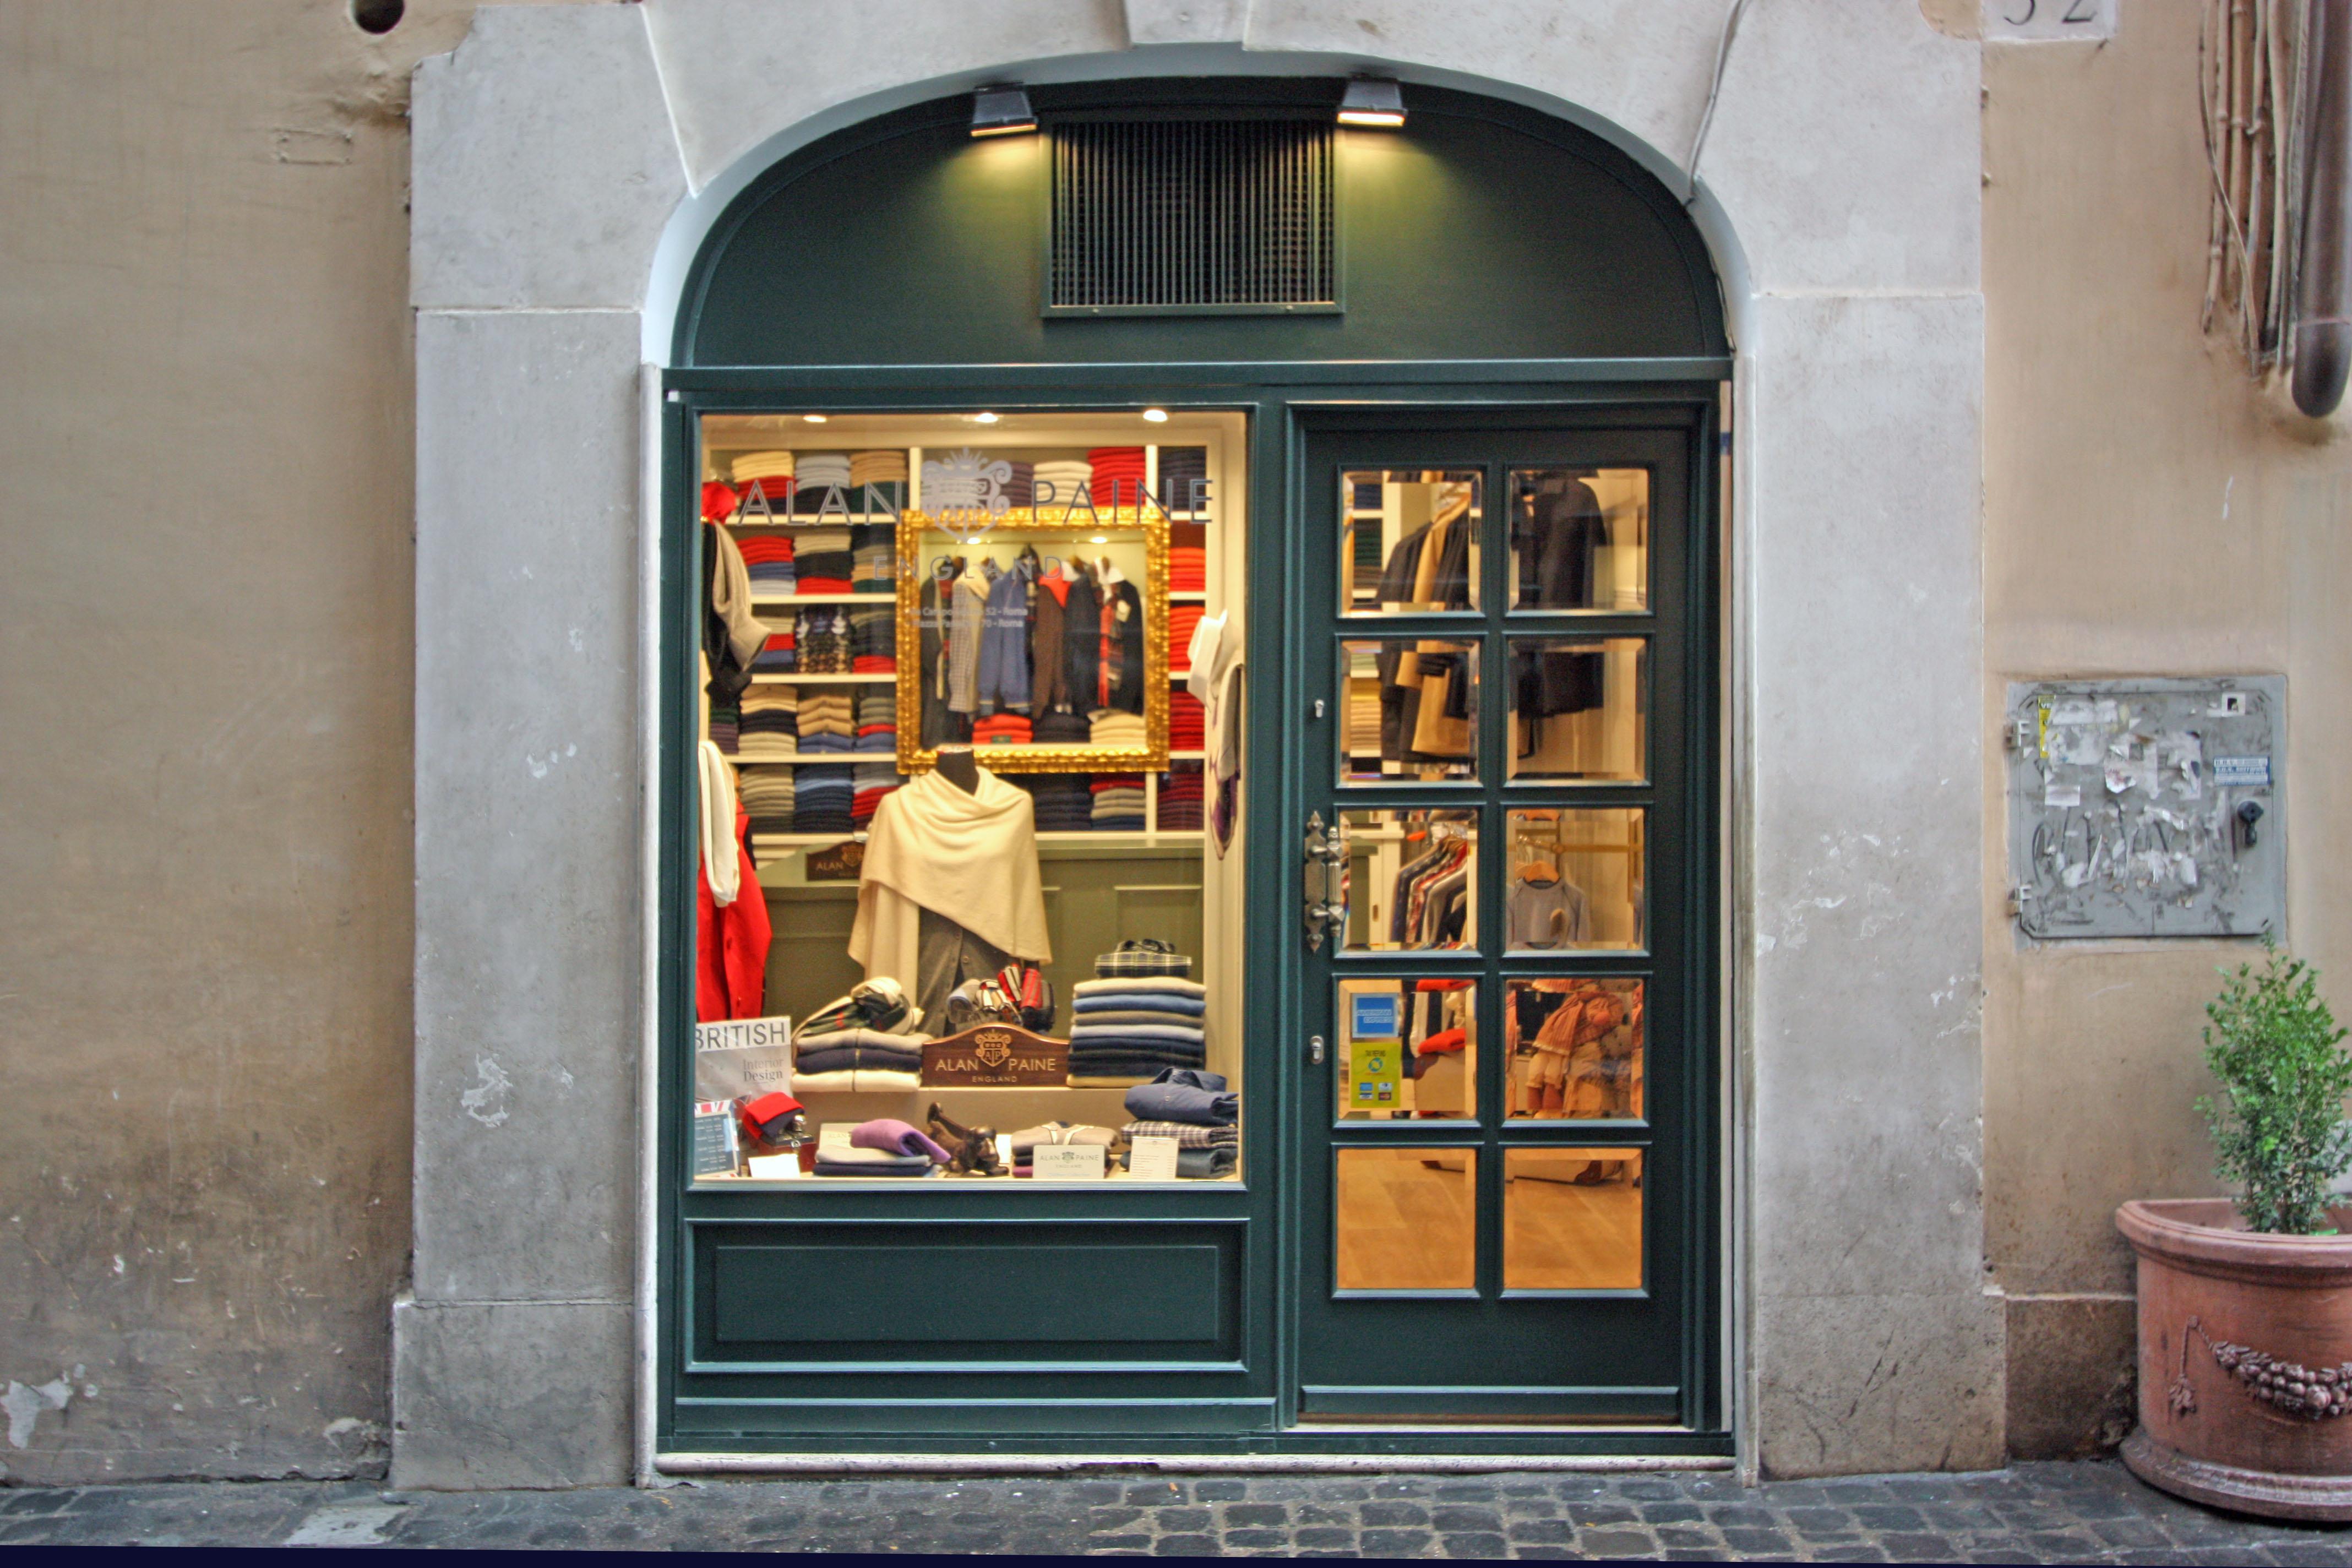 il negozio Alan Paine di via Campo marzio